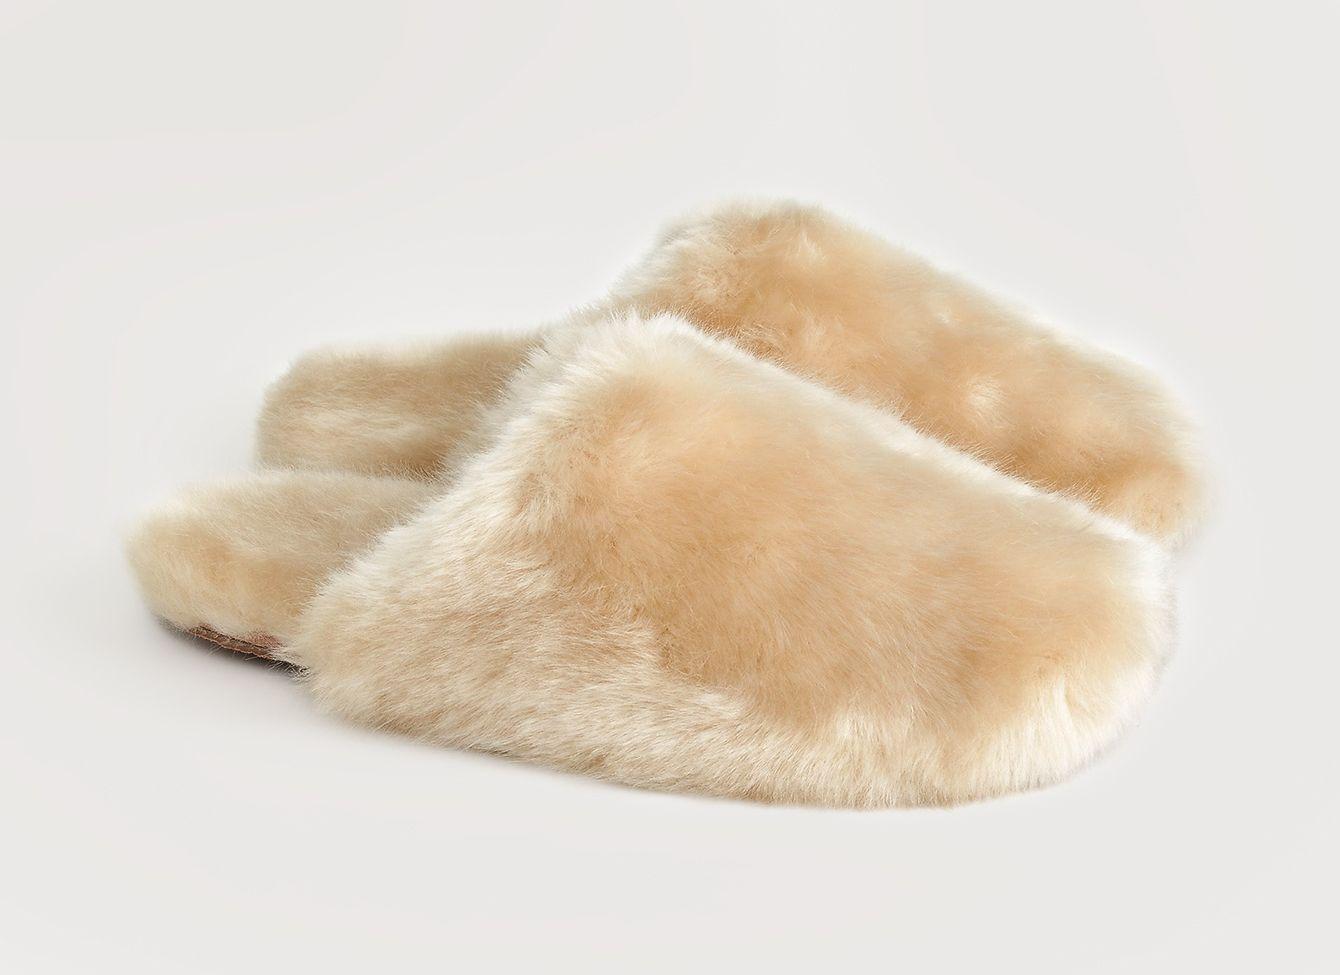 J. Crew Fuzzy Slippers